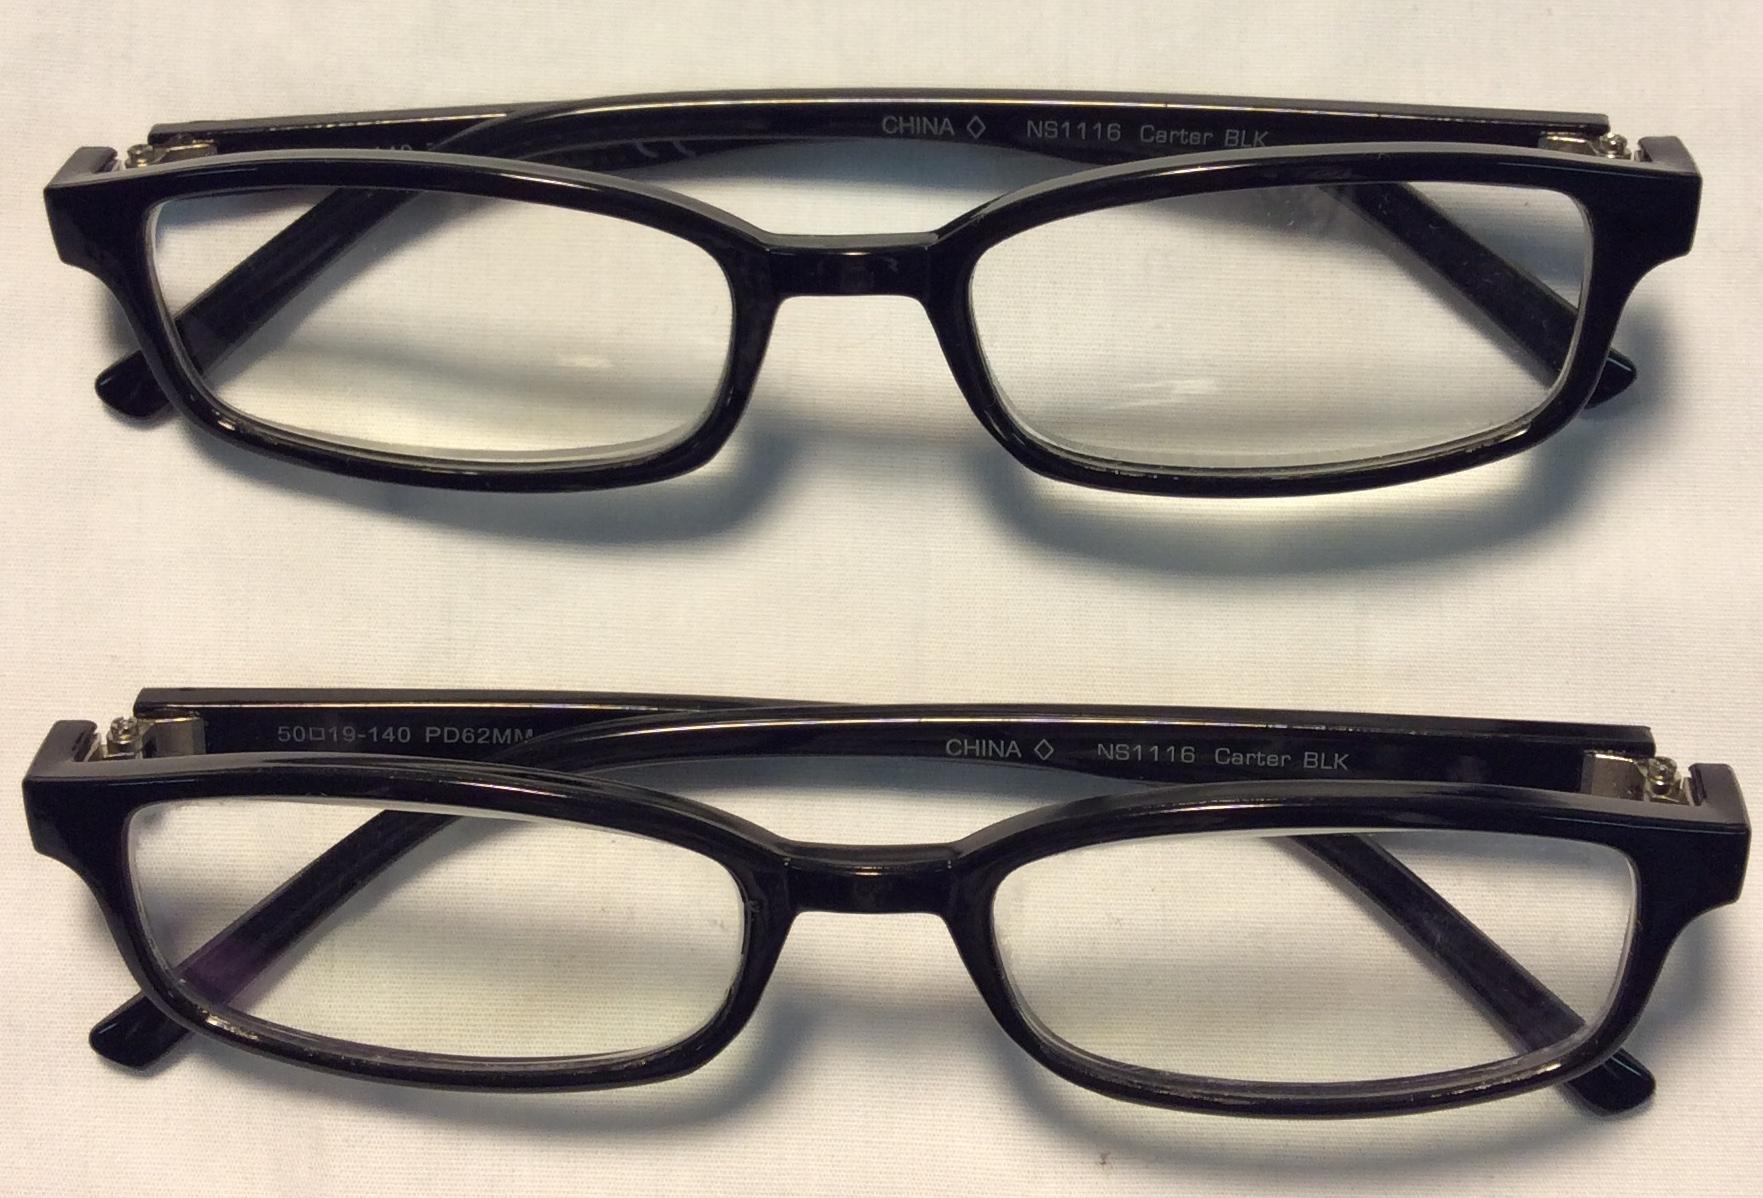 Carter BLK Black plastic frames